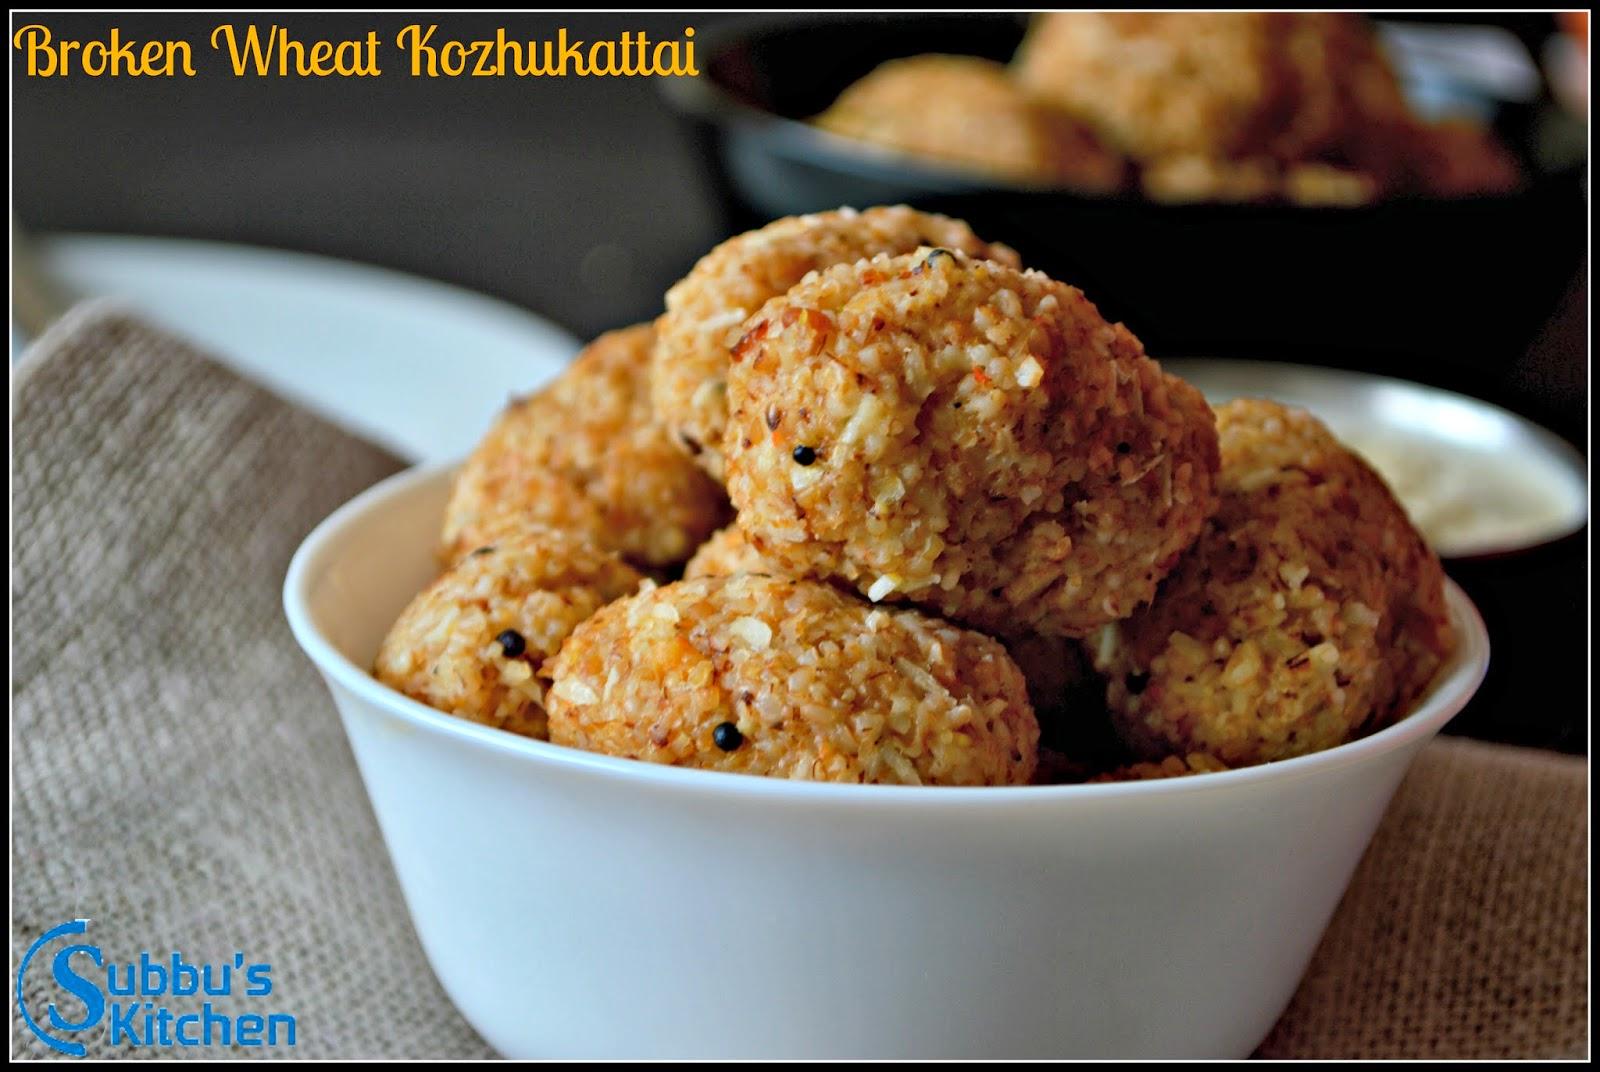 Broken Wheat Upma Kozhukattai | Samba Godhumai Rava Upma Kozhukattai